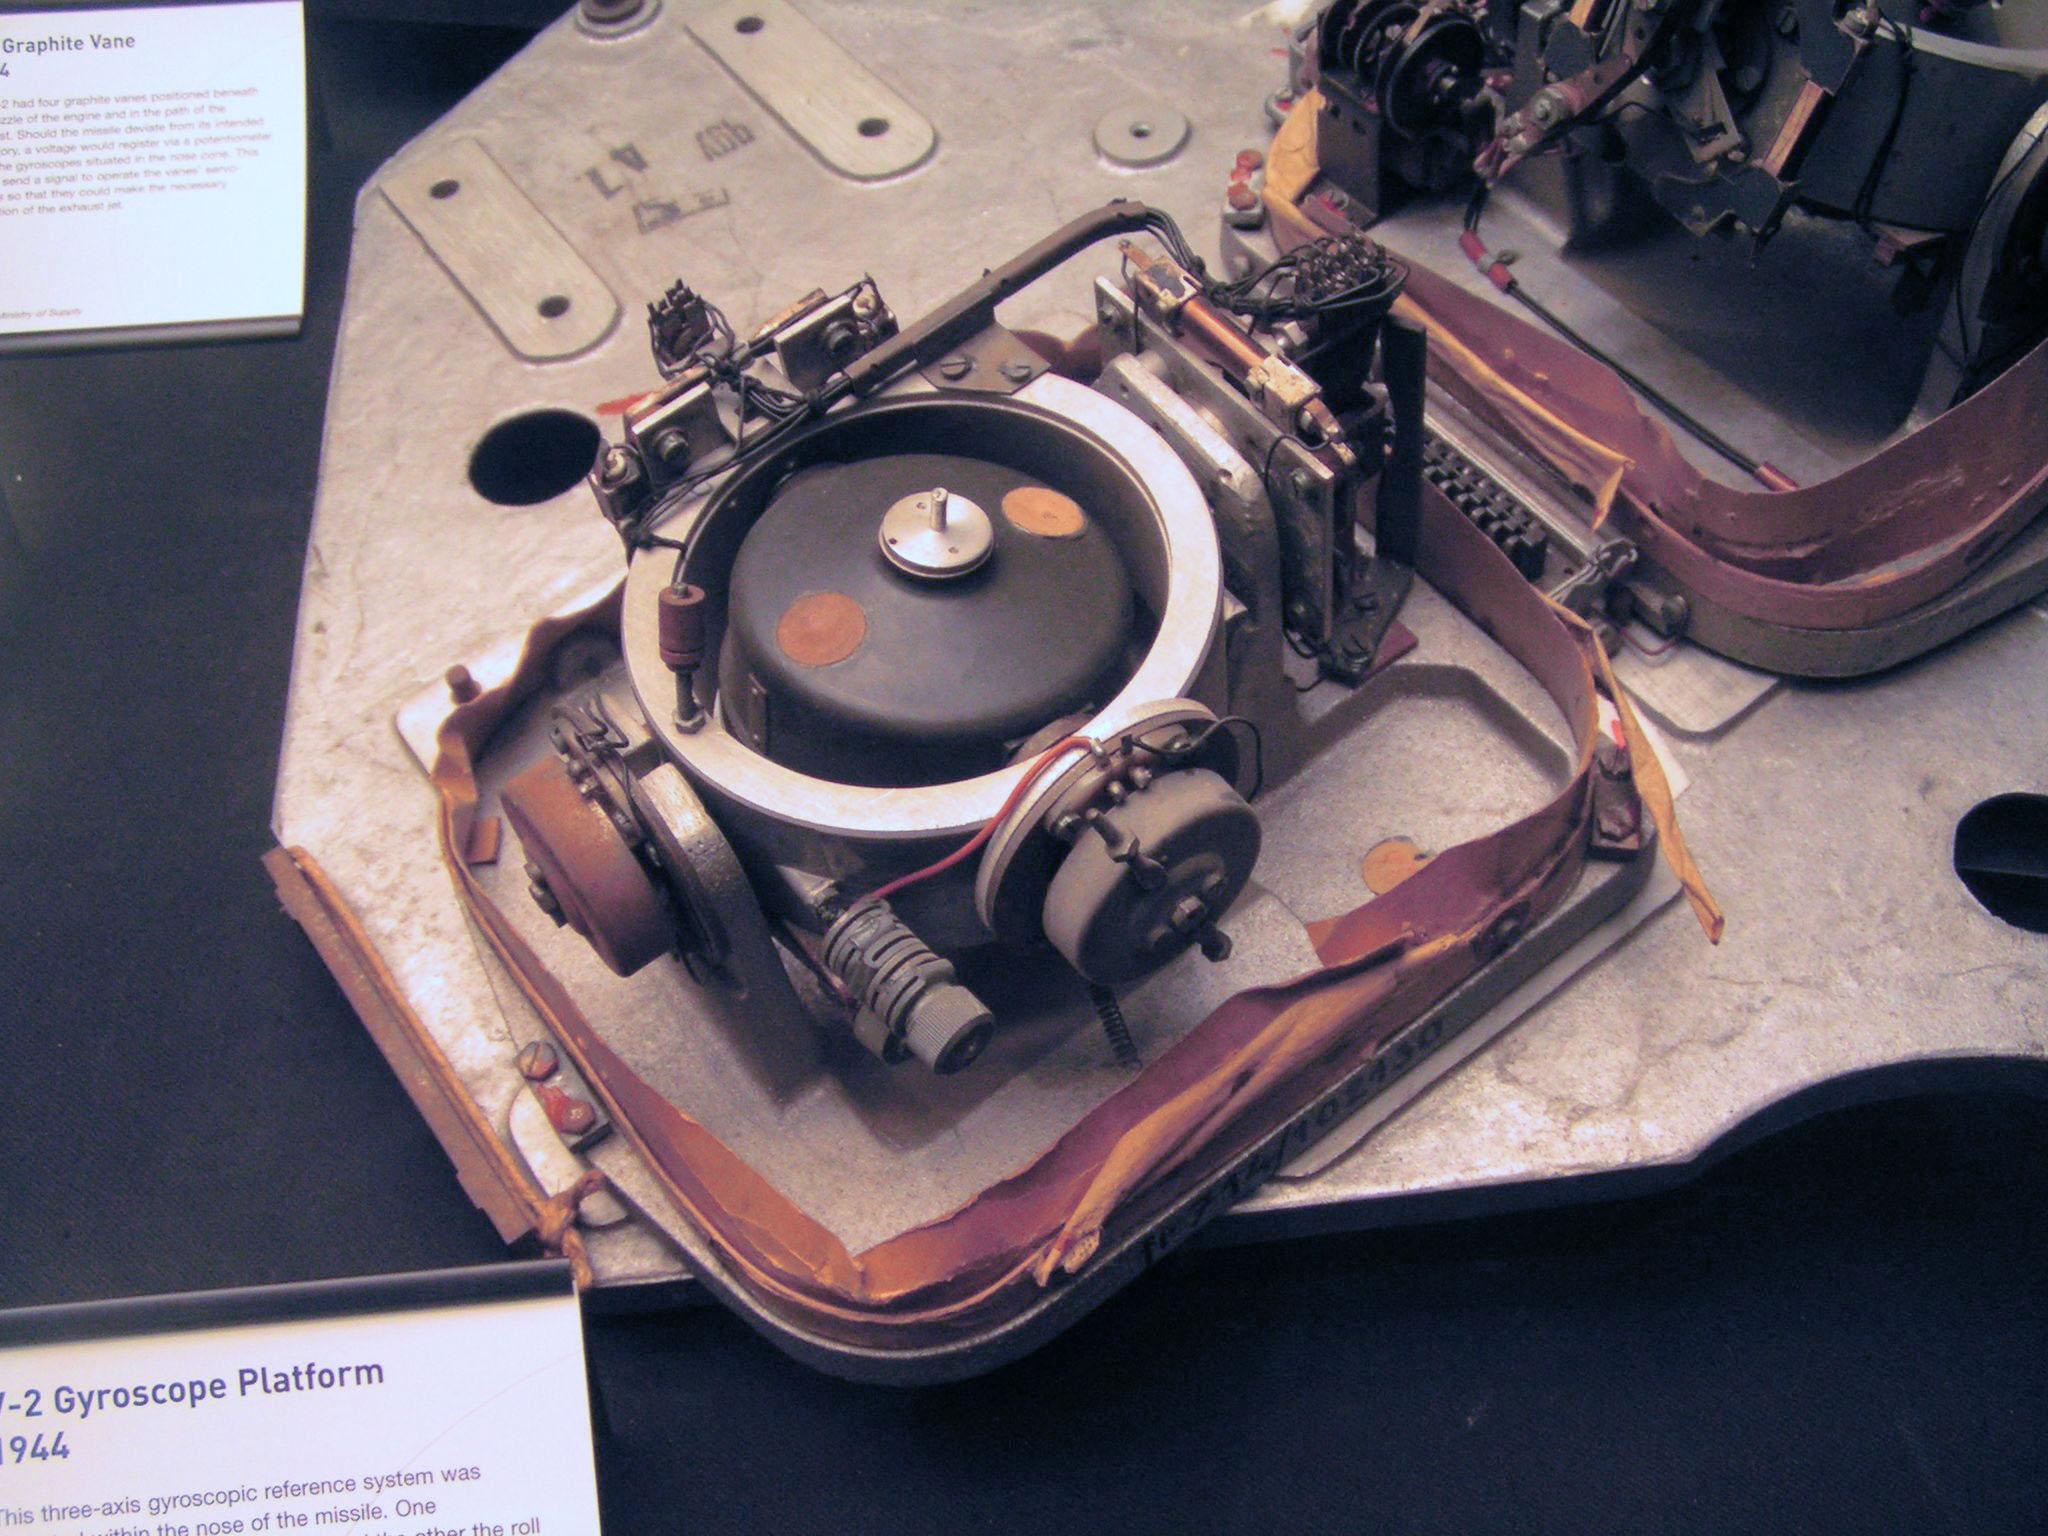 http://upload.wikimedia.org/wikipedia/commons/4/48/V2-Ein_Kreisel_der_Steuerung.jpg